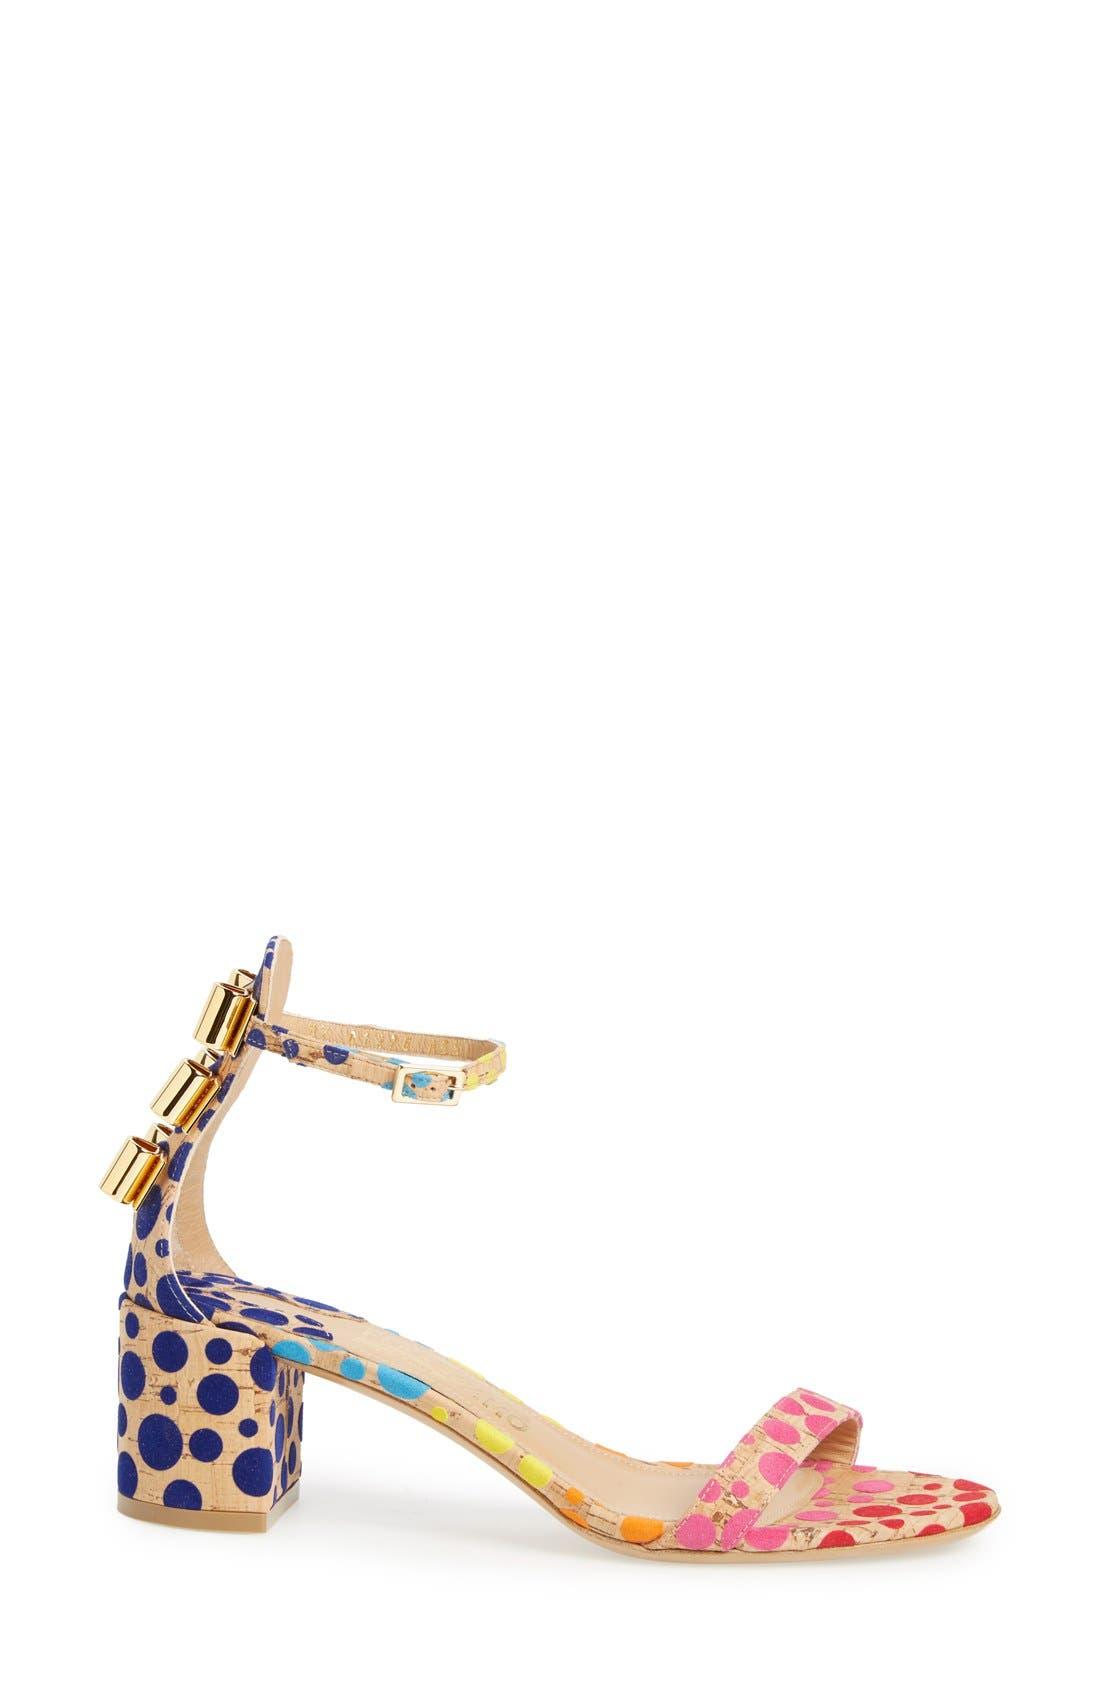 x Edgardo Osorio 'Connie' Ankle Strap Sandal,                             Alternate thumbnail 2, color,                             250